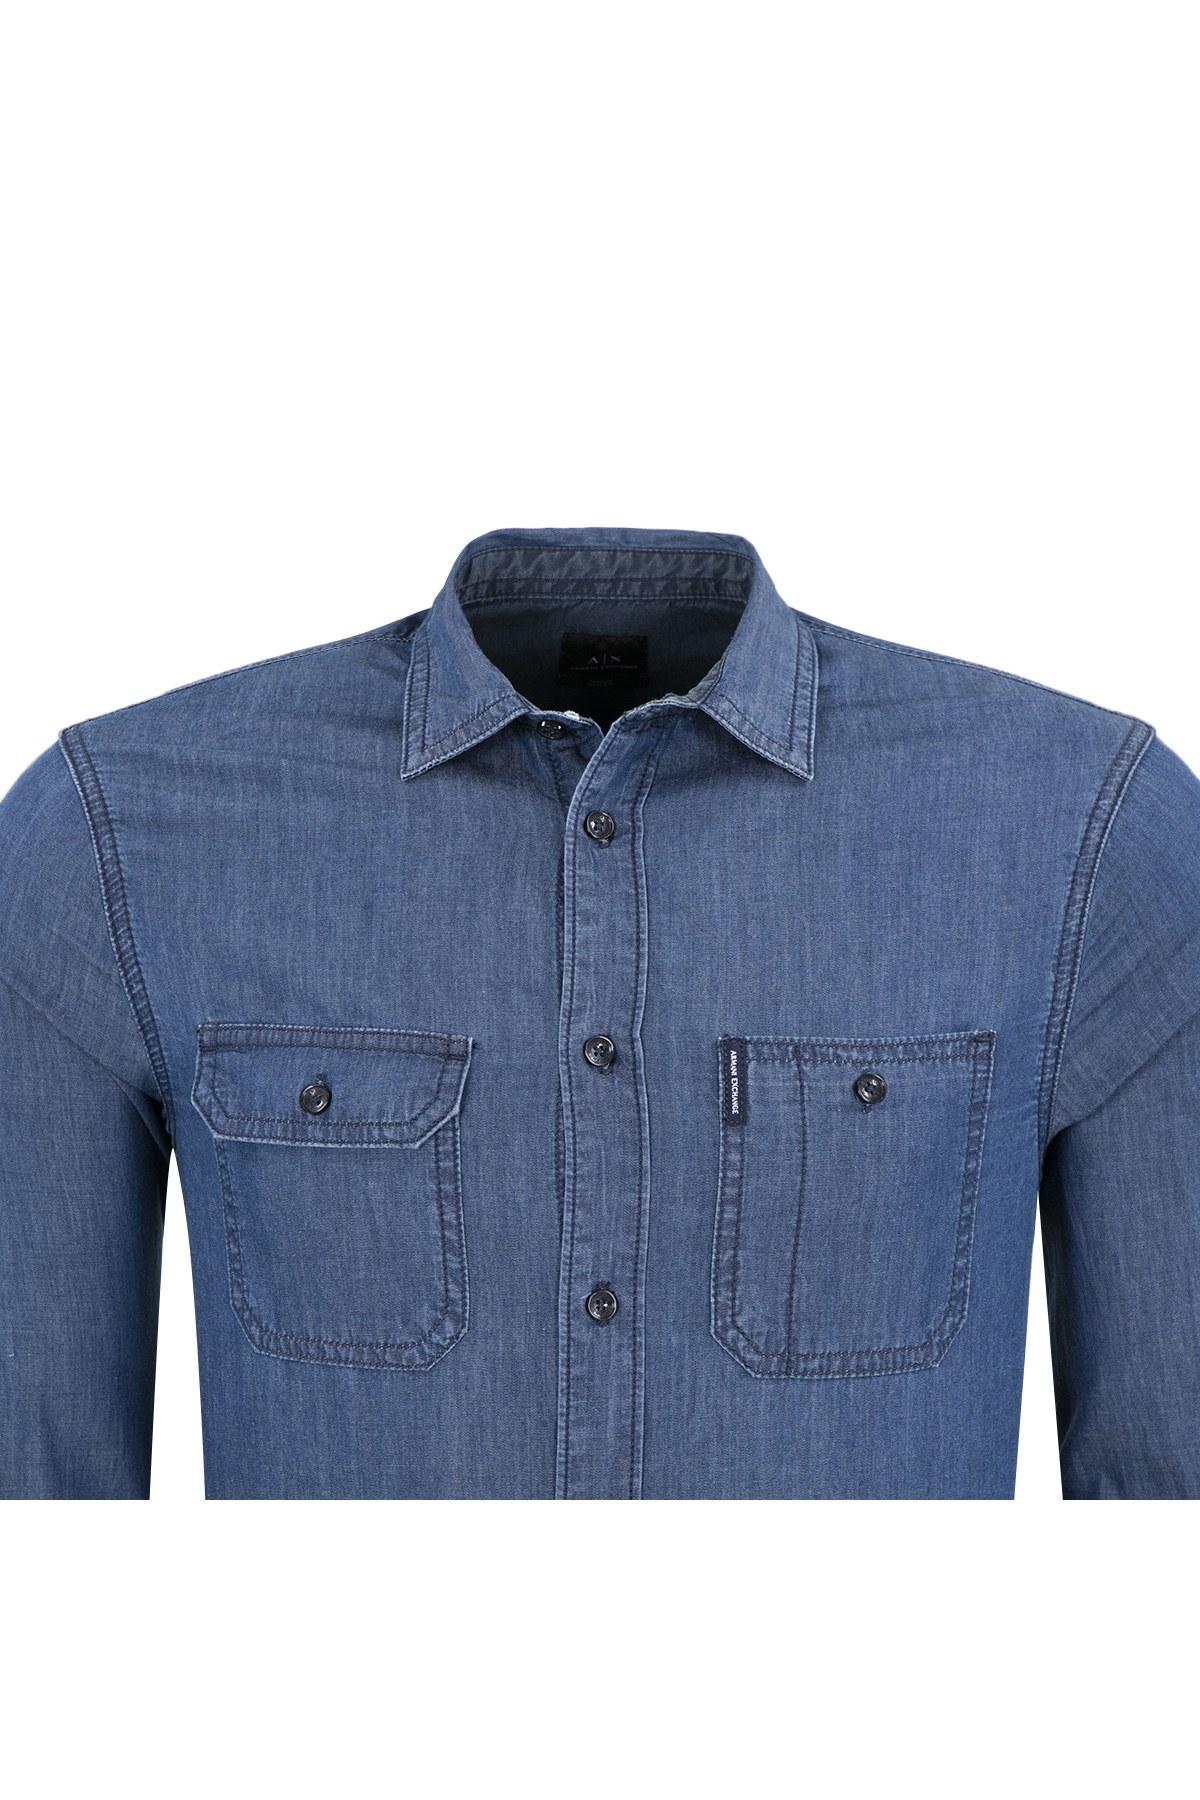 ARMANI EXCHANGE Erkek Gömlek 6ZZC38 Z1GDZ 1500 MAVİ